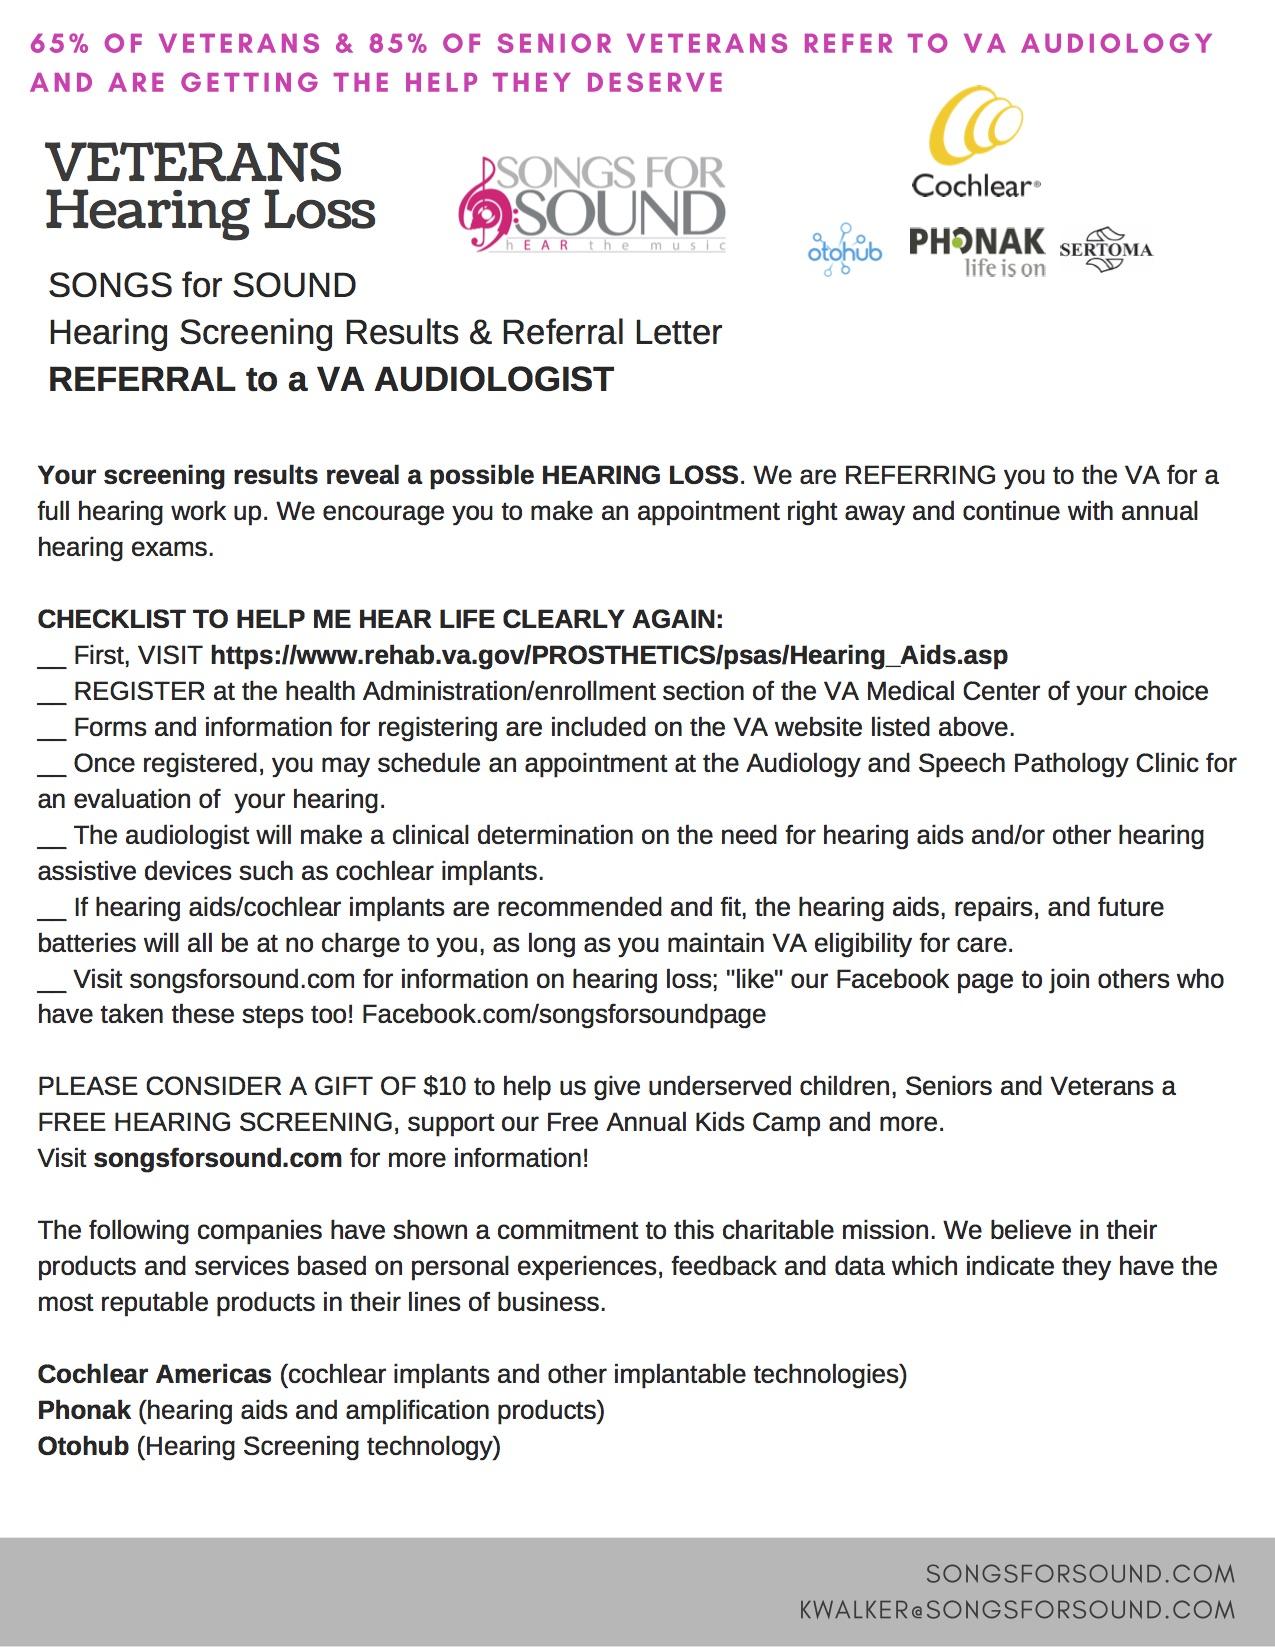 Veterans Hearing Loss Checklist